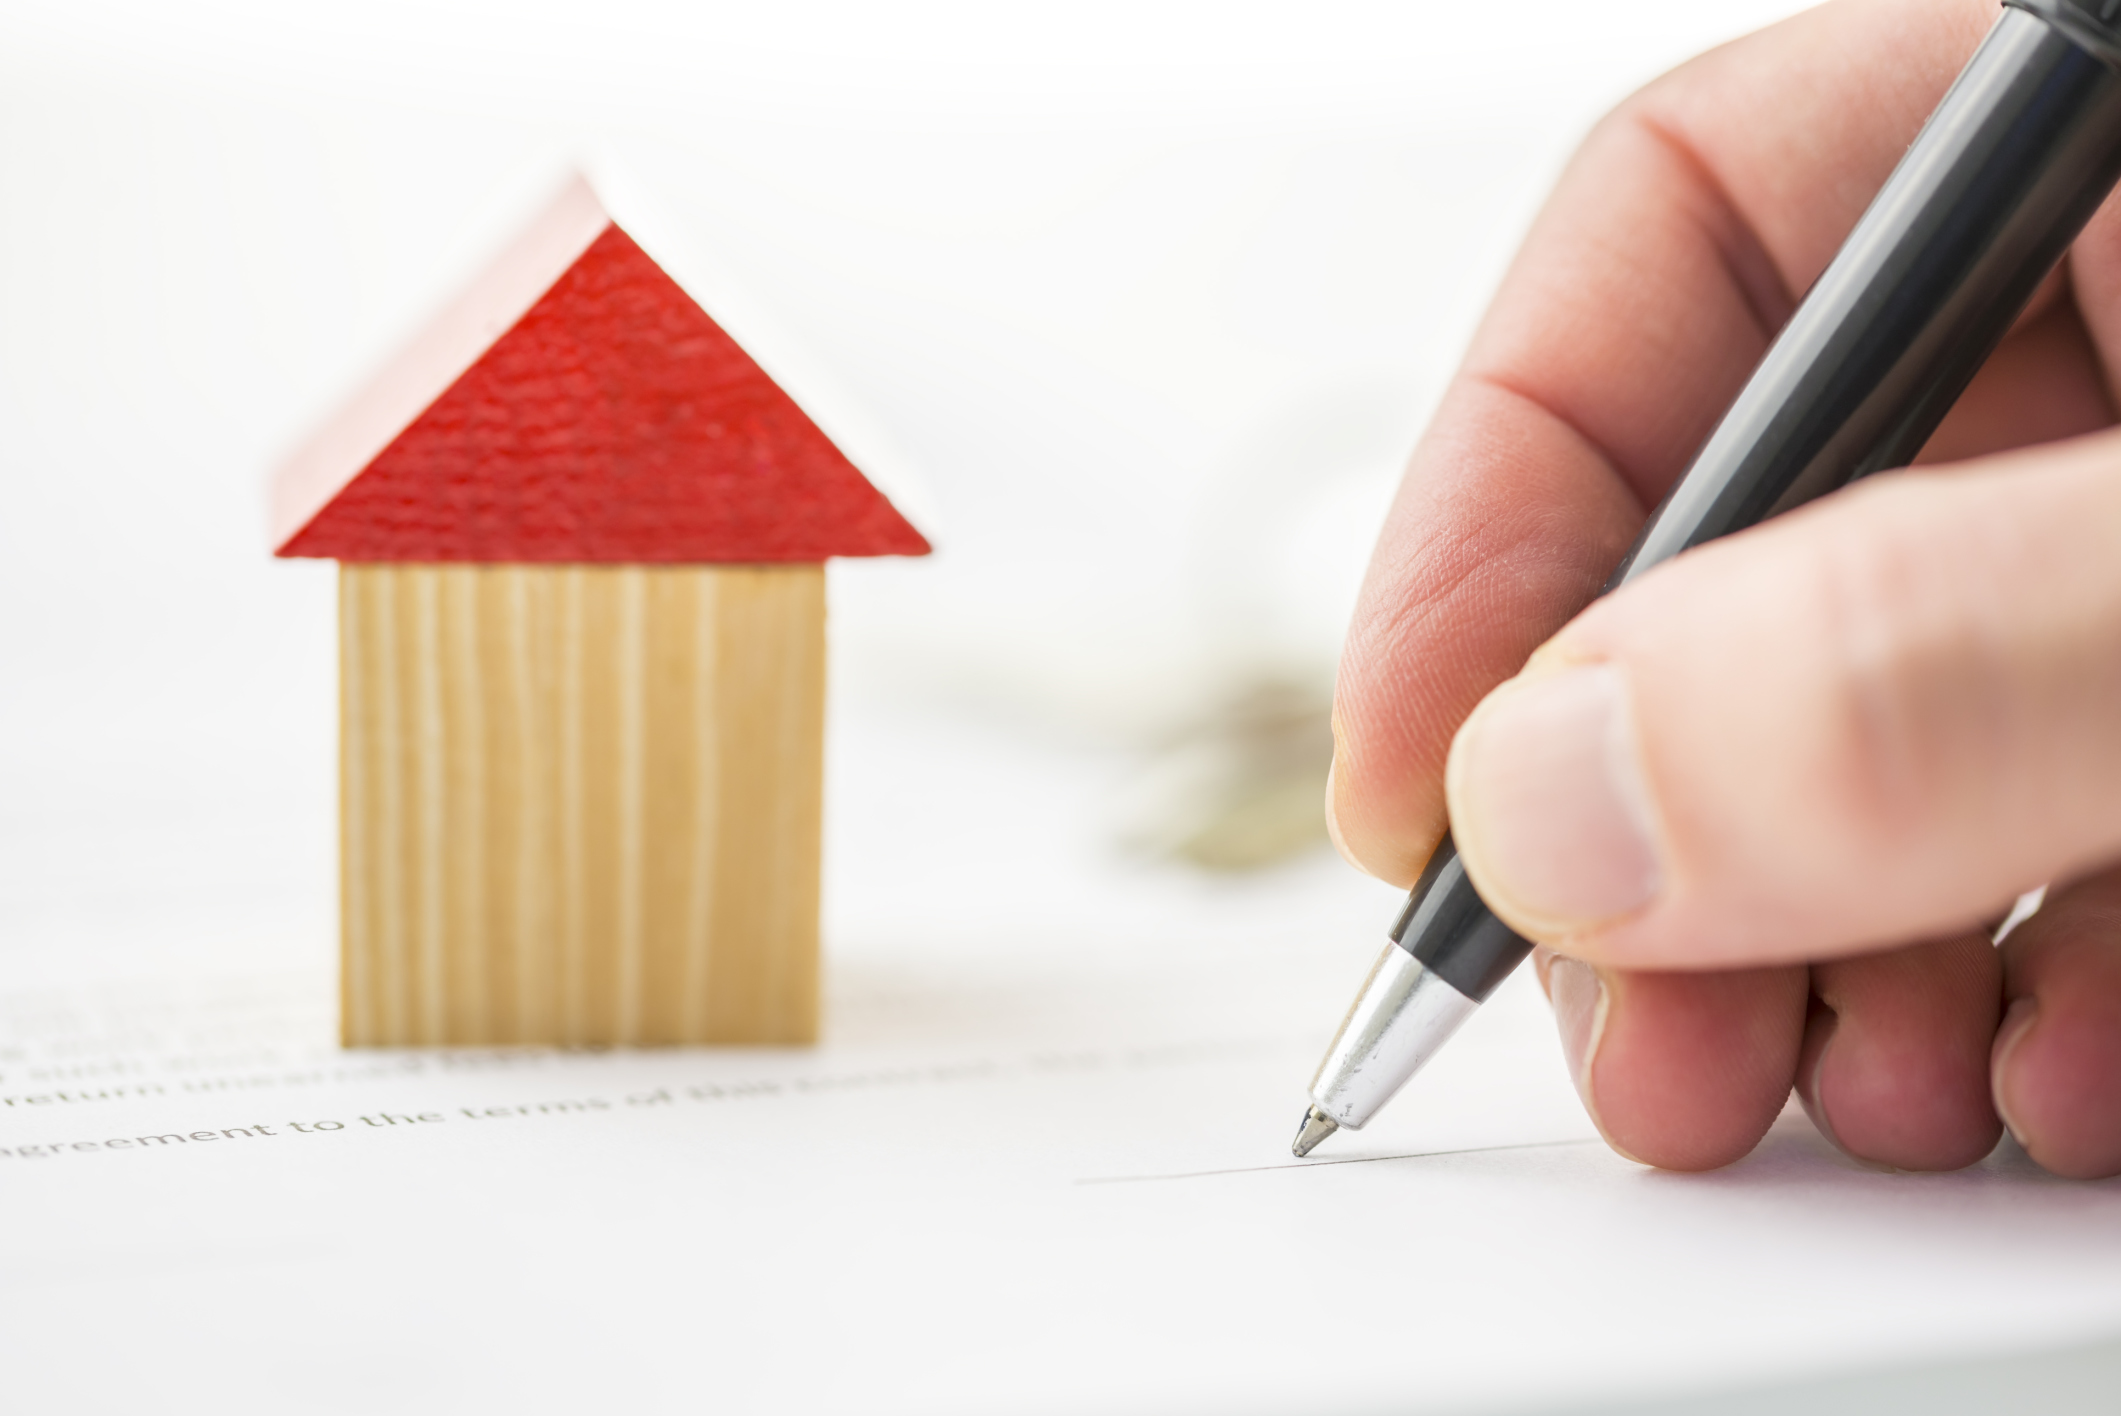 Hợp đồng đặt cọc cho thuê nhà